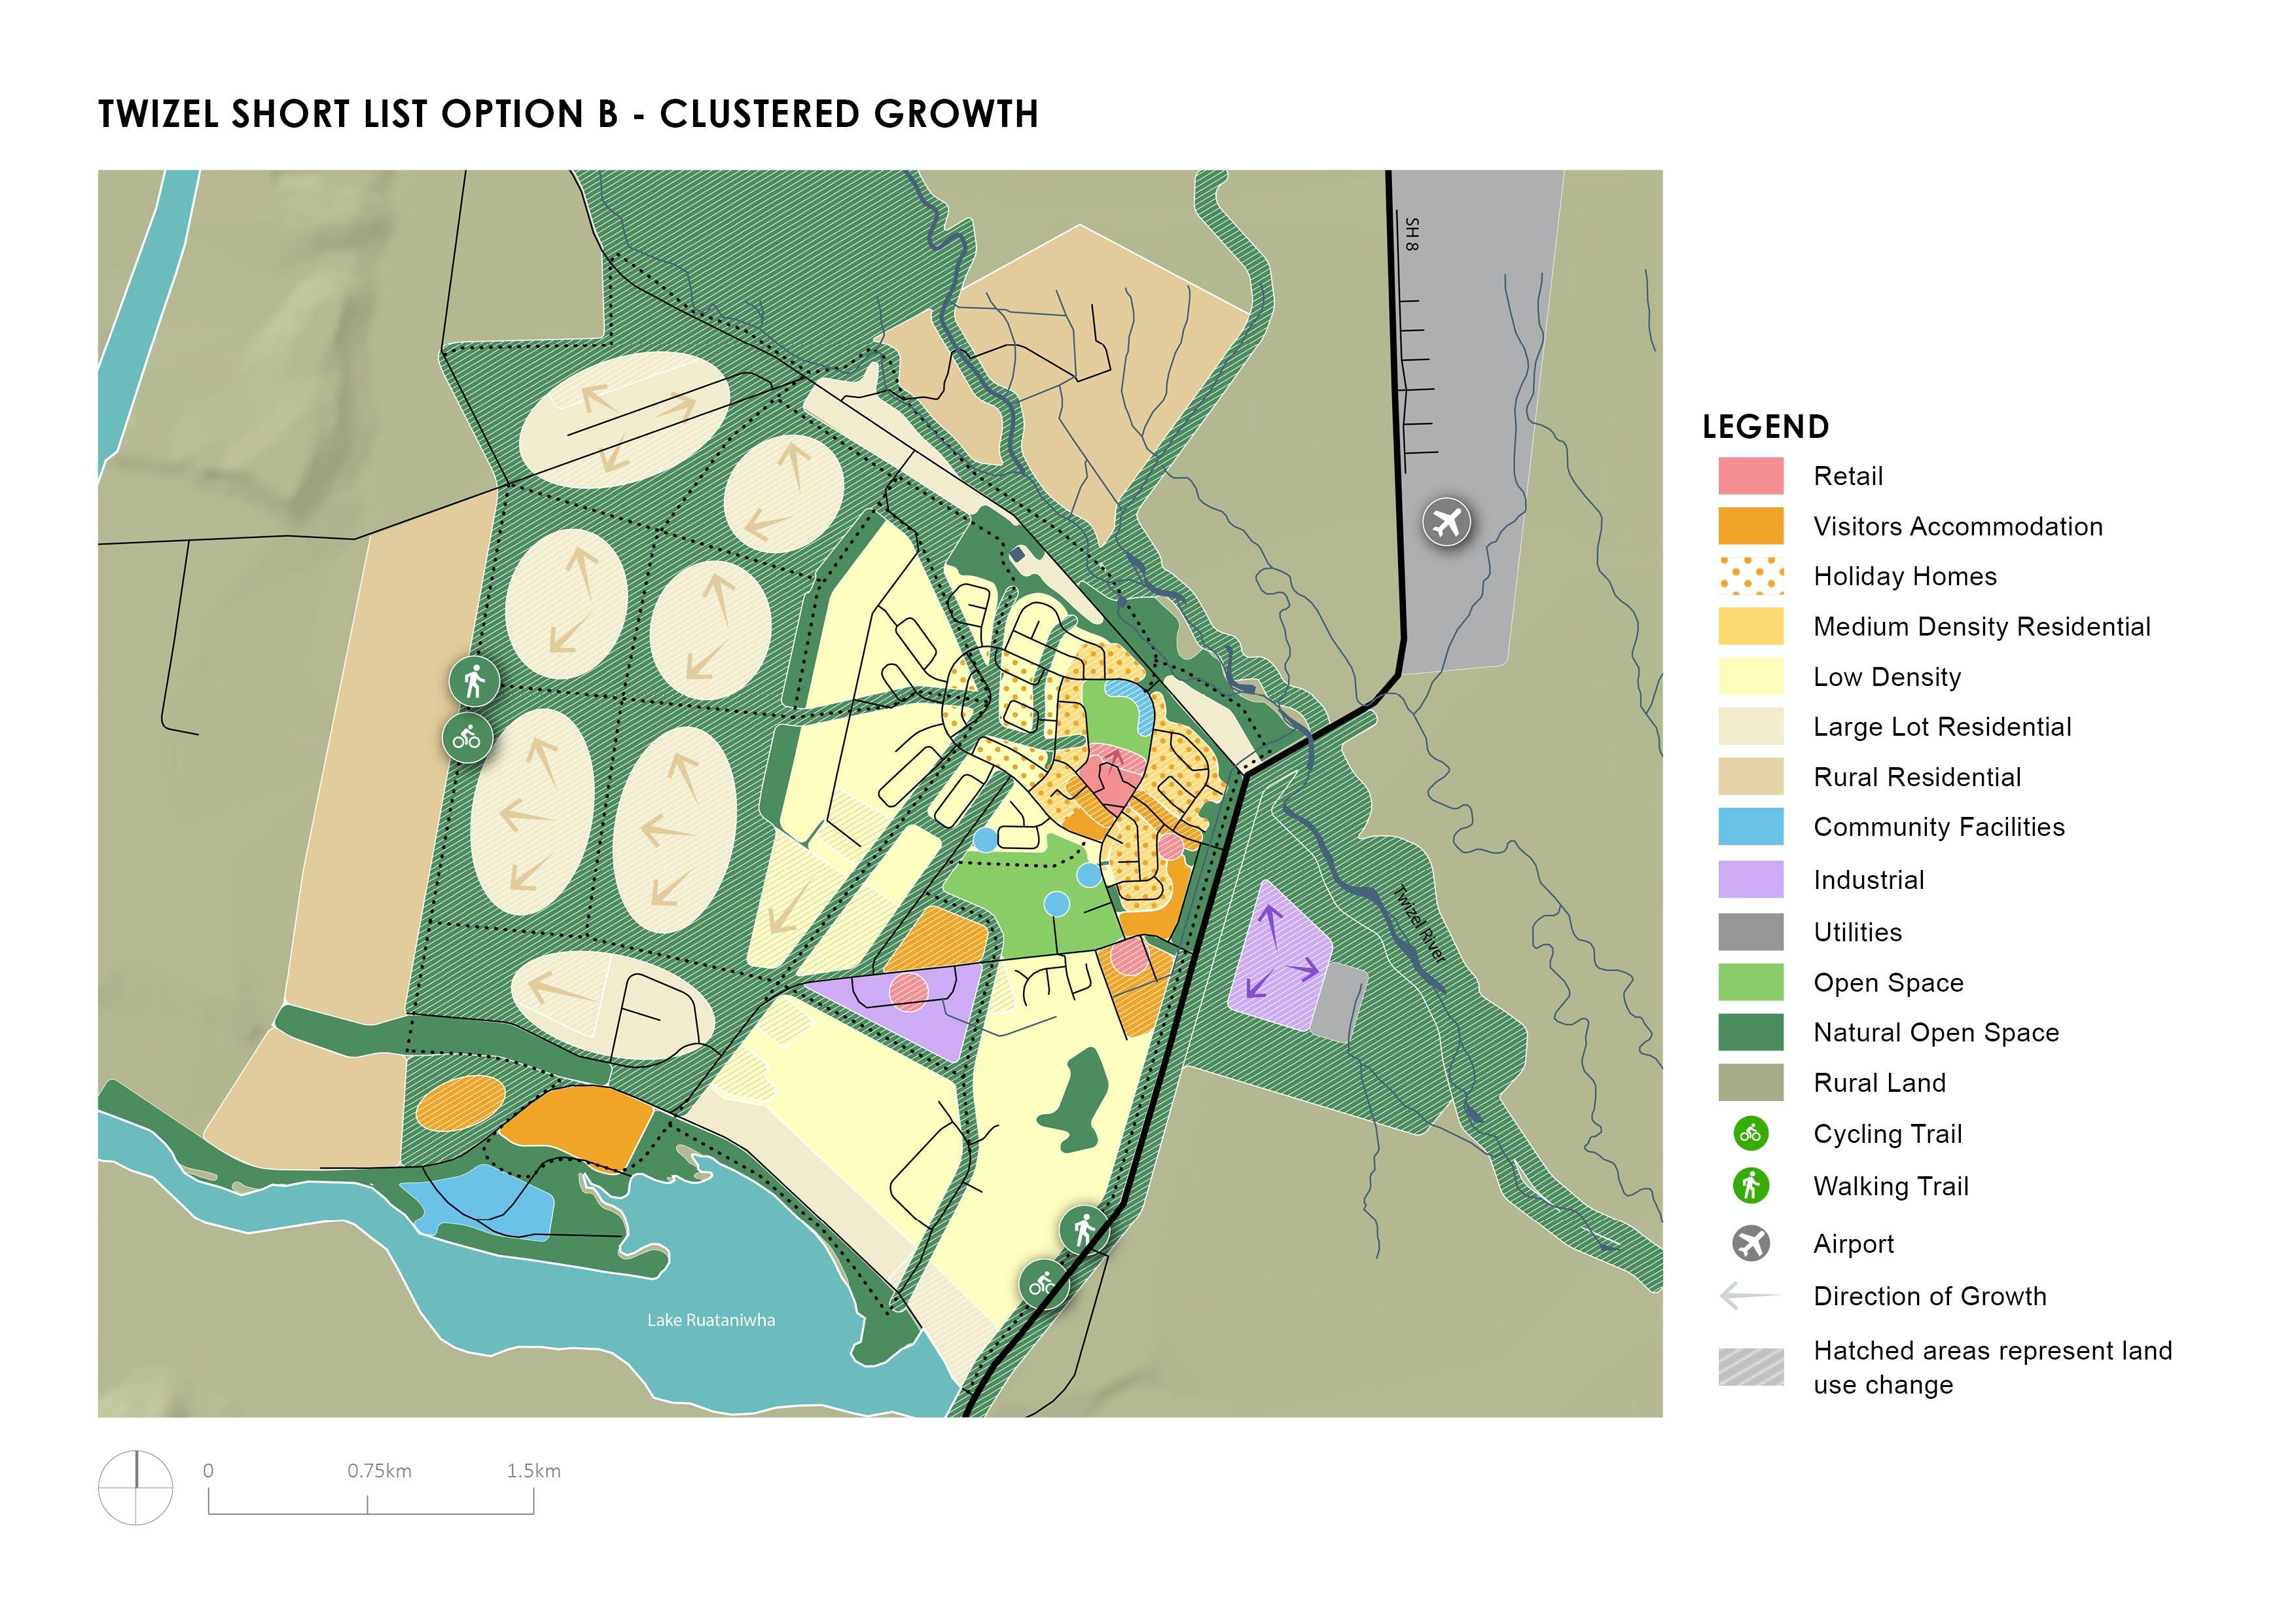 Twizel Shortlist Option B - Clustered Growth